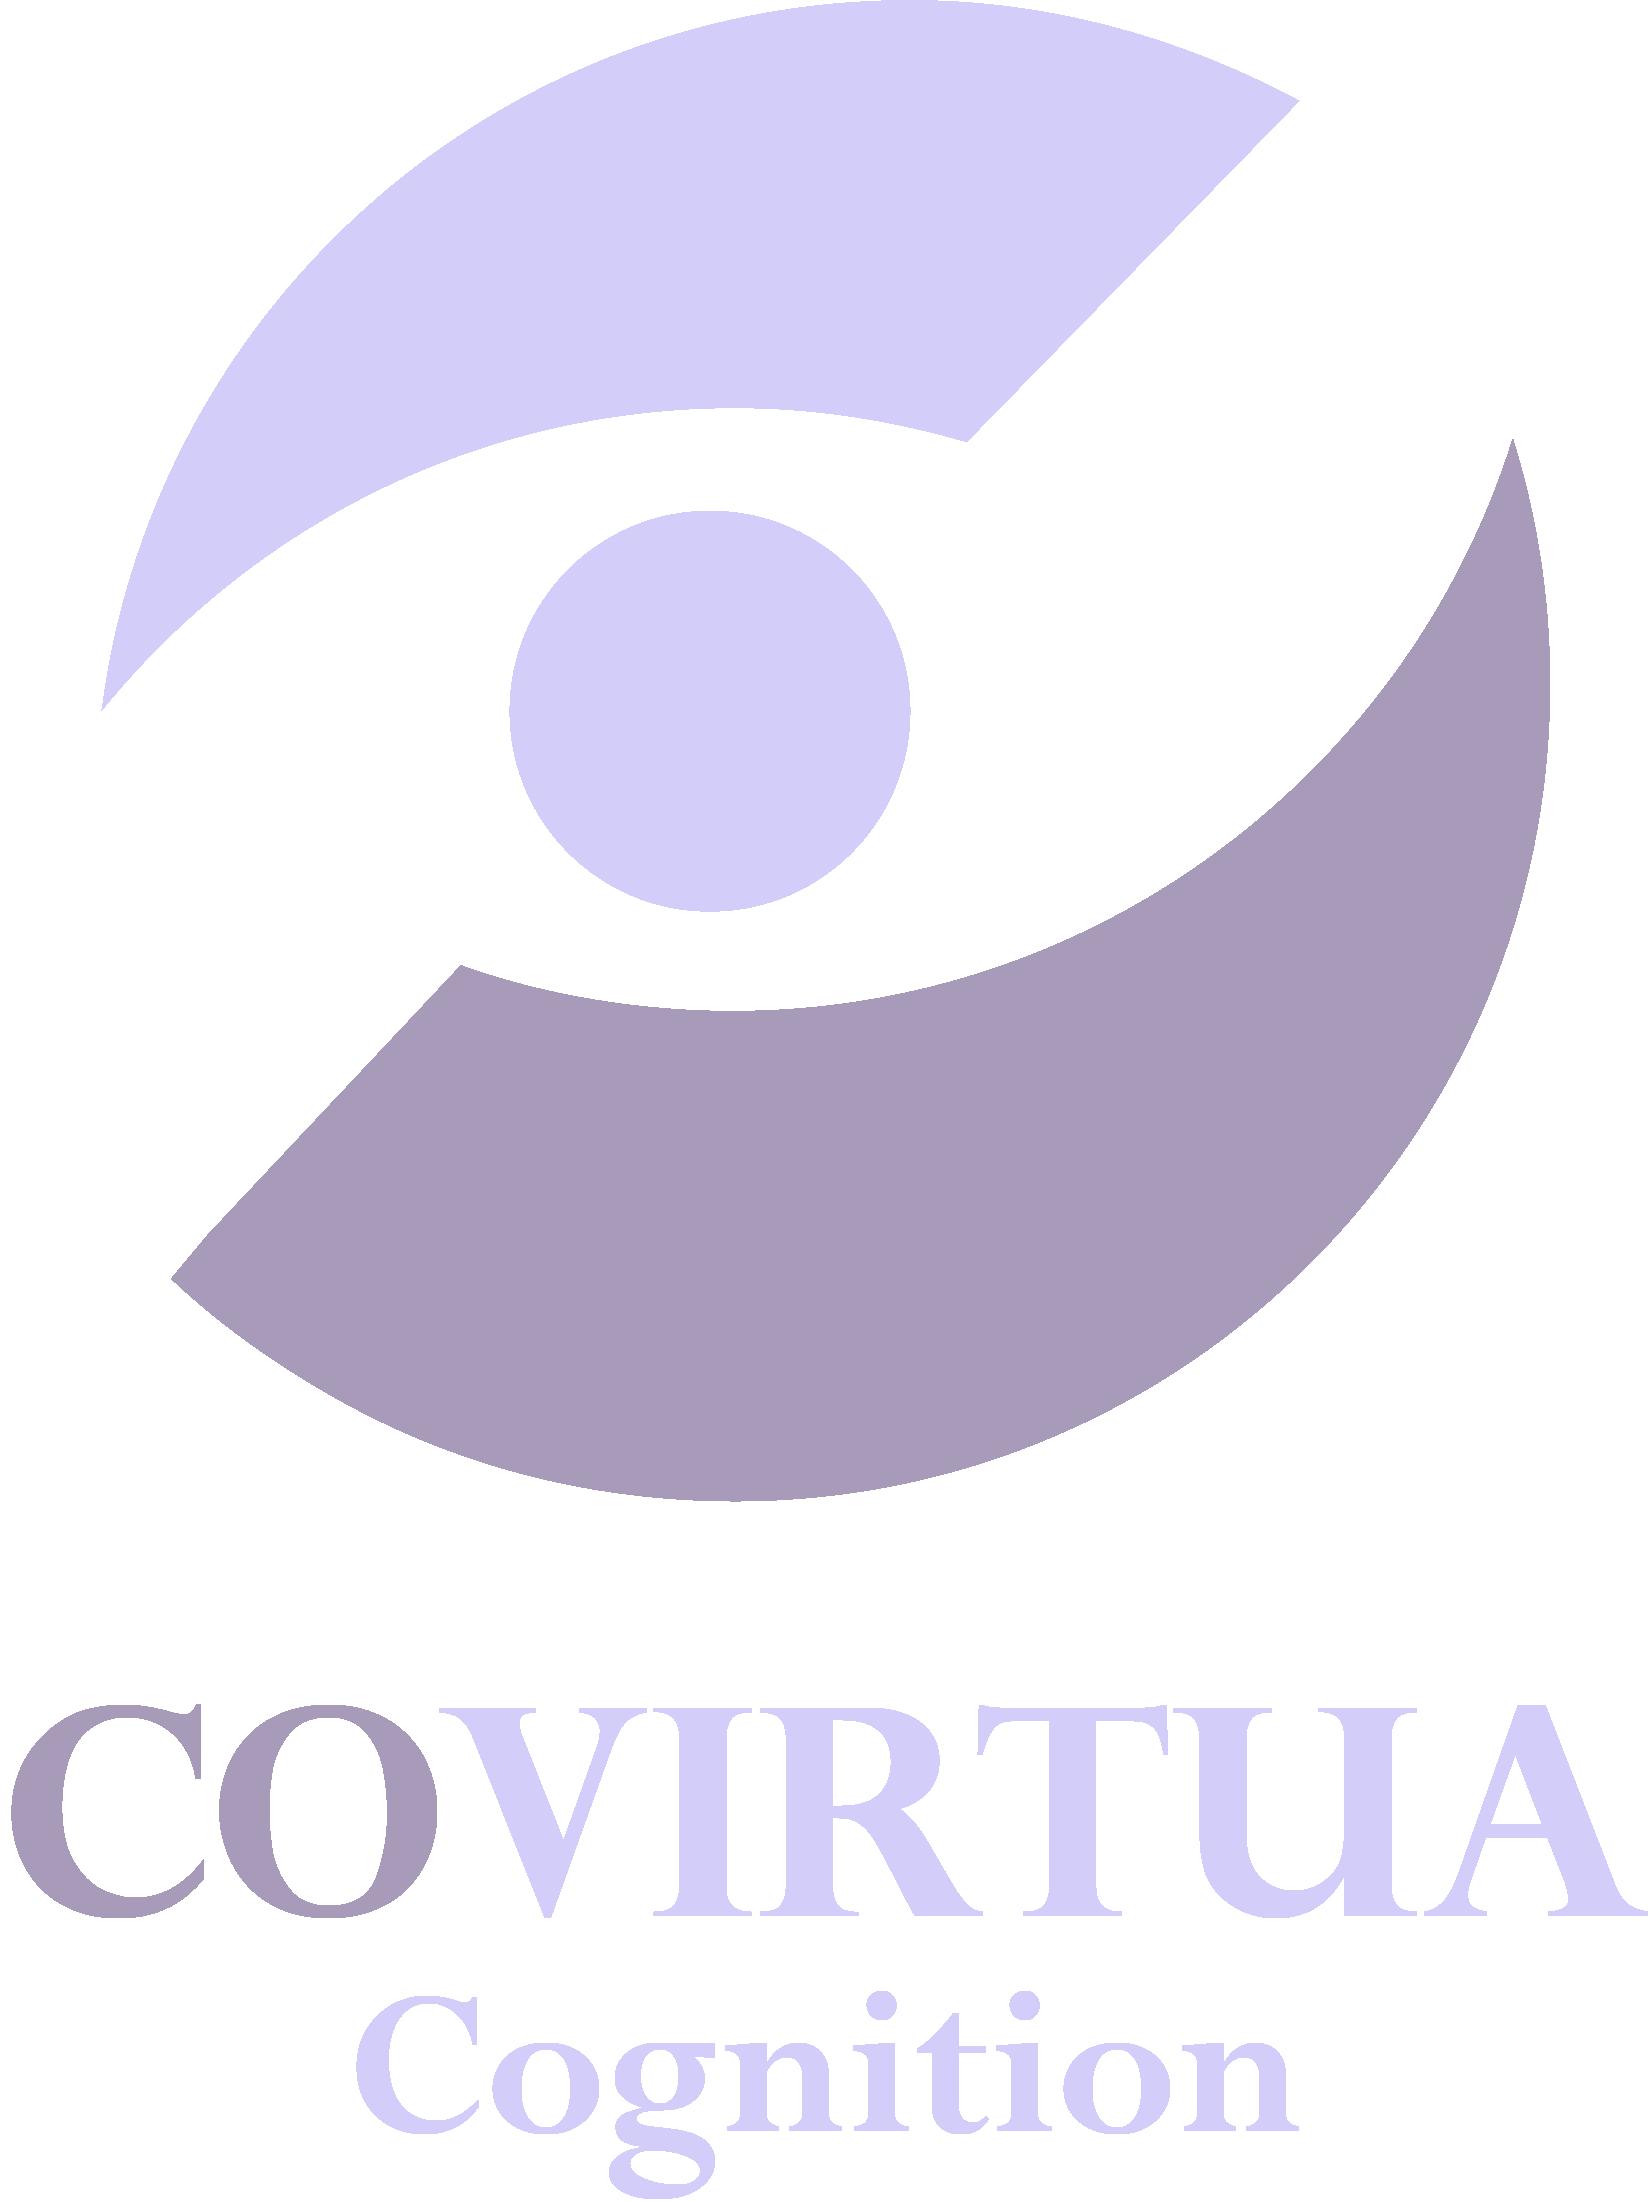 COVIRTUA COGNITION